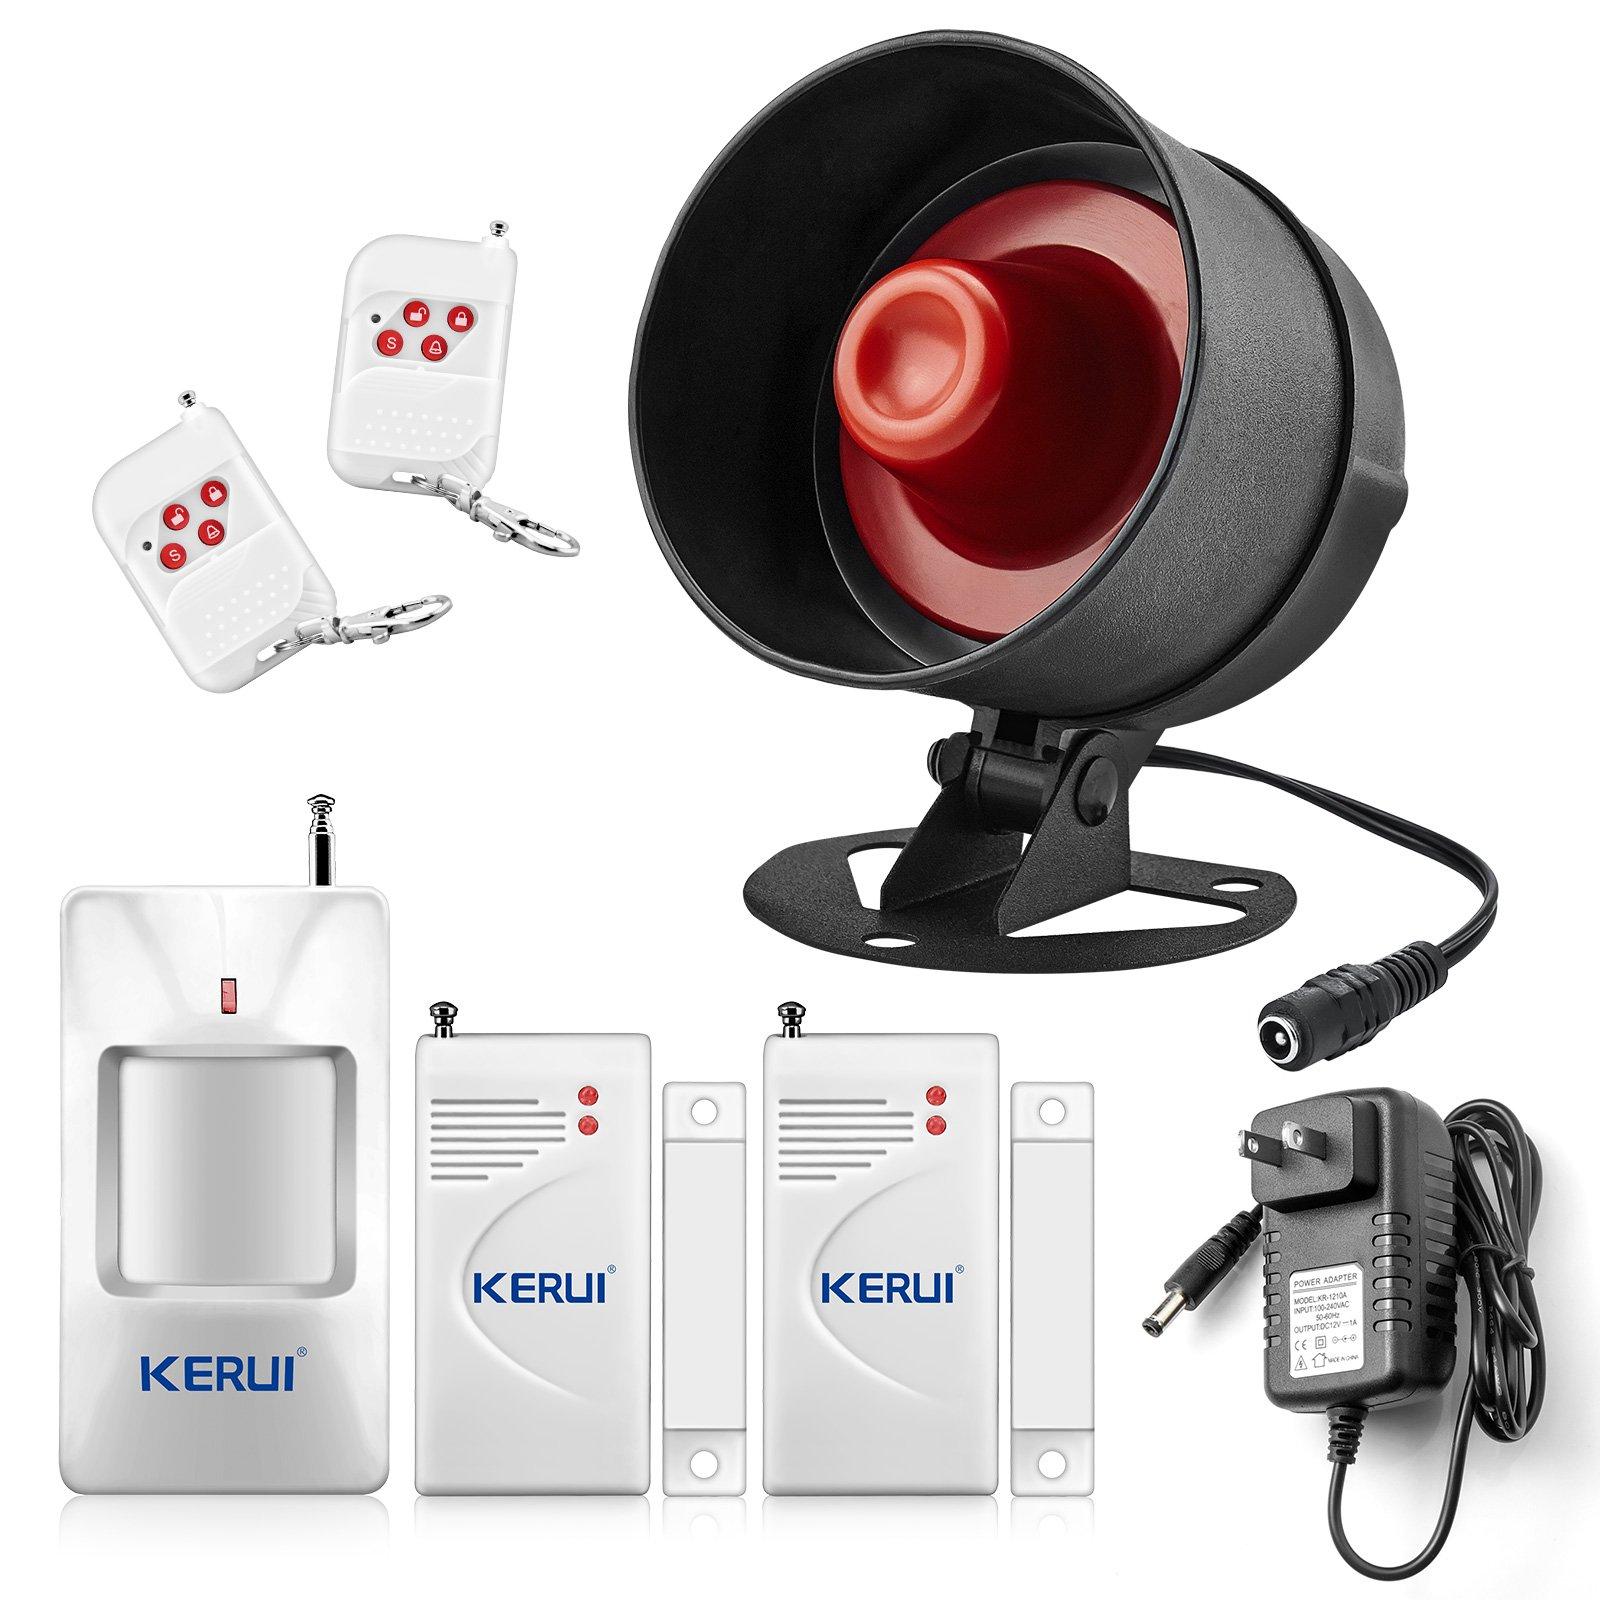 KERUI Home Security System Indoor Outdoor Weather-Proof Siren Window Door Sensors Motion Sensor Alarm with Remote Control more DIY, Wireless Home Hotel Garage Shop Burglar Door Alarm System